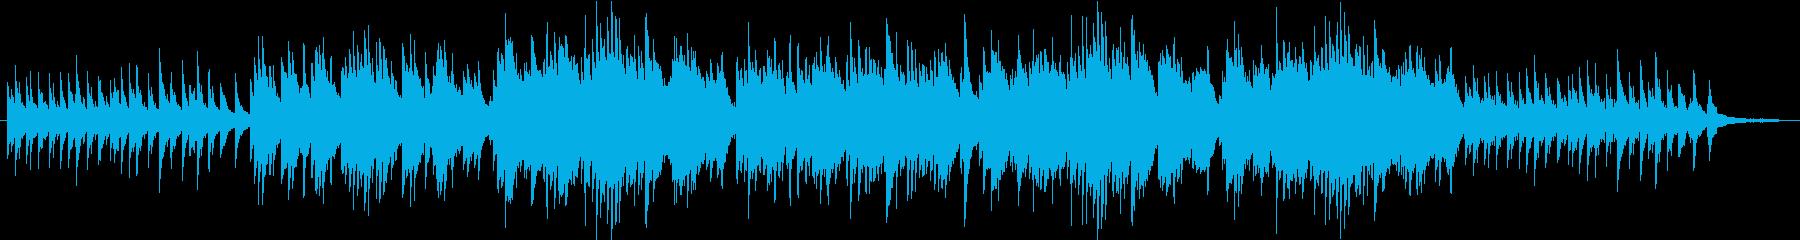 哀しみの回想シーン風ピアノ曲の再生済みの波形